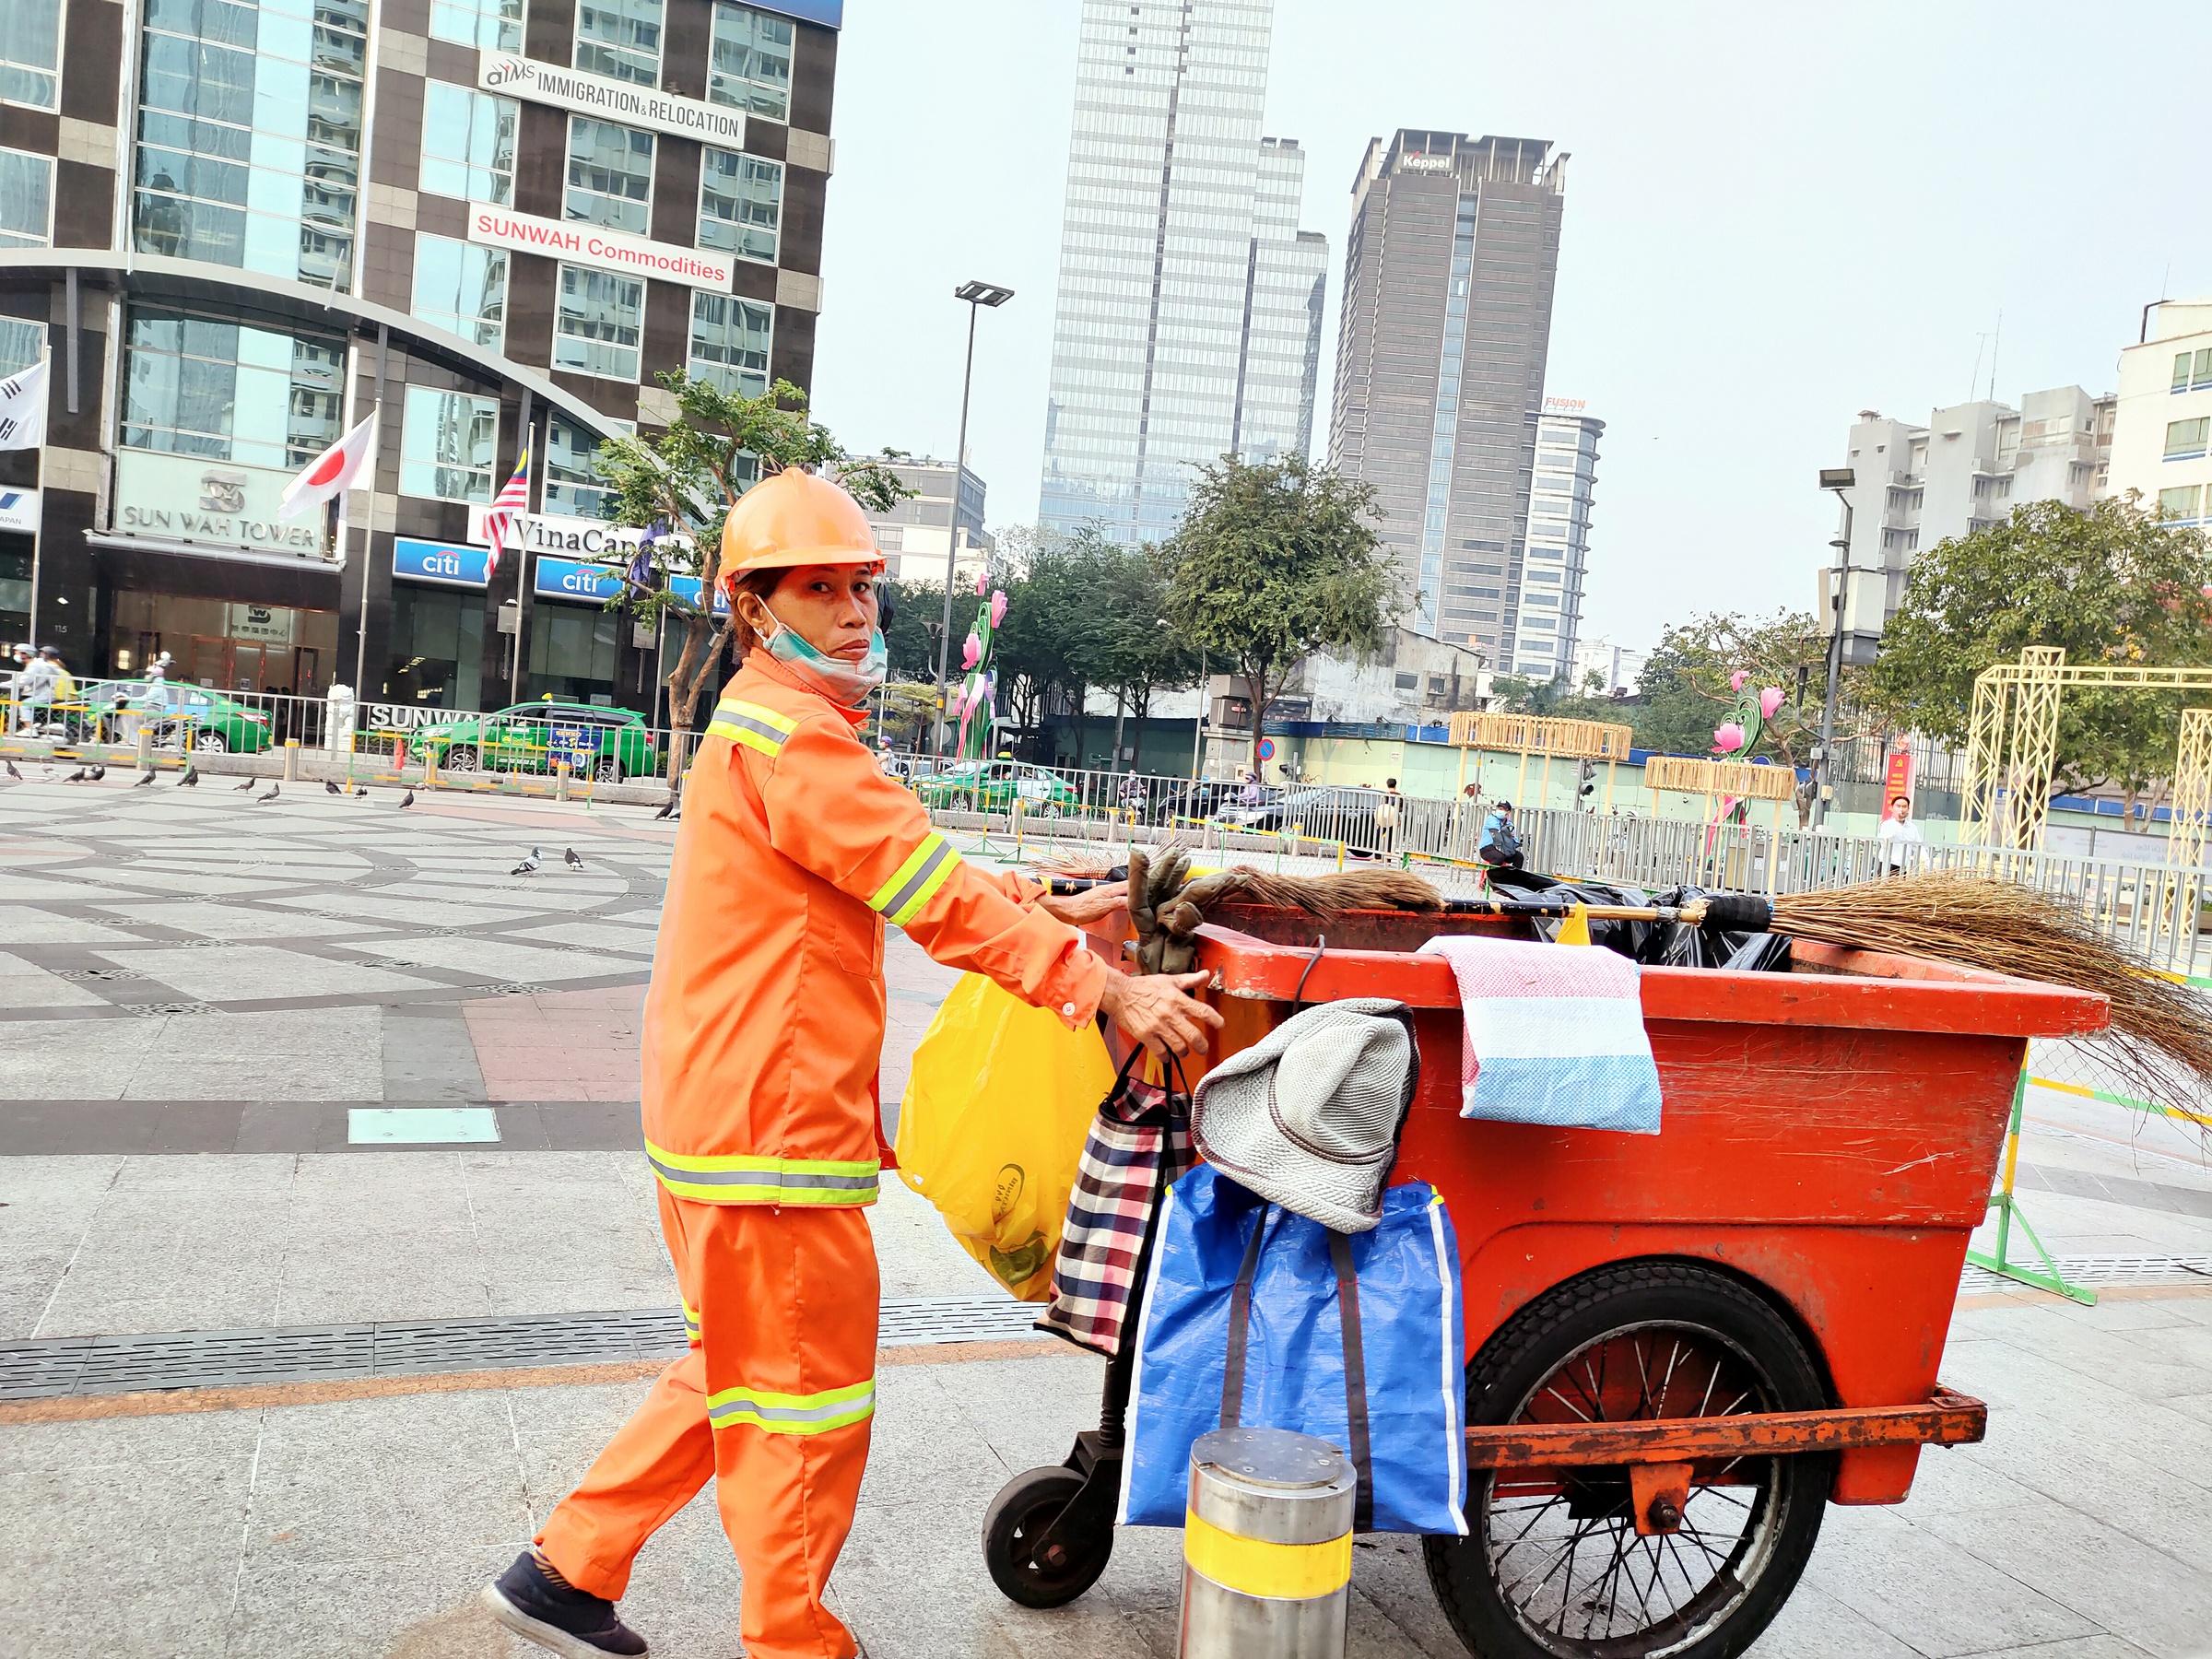 Phố đi bộ Nguyễn Huệ (quận 1, tp HCM) bình thường là điểm lui tới của nhiều người, nhưng ít ai để ý đằng sau vẻ ngoài sạch sẽ, sang trọng đó là bàn tay tỉ mỉ, cần mẫn của những công nhân vệ sinh.